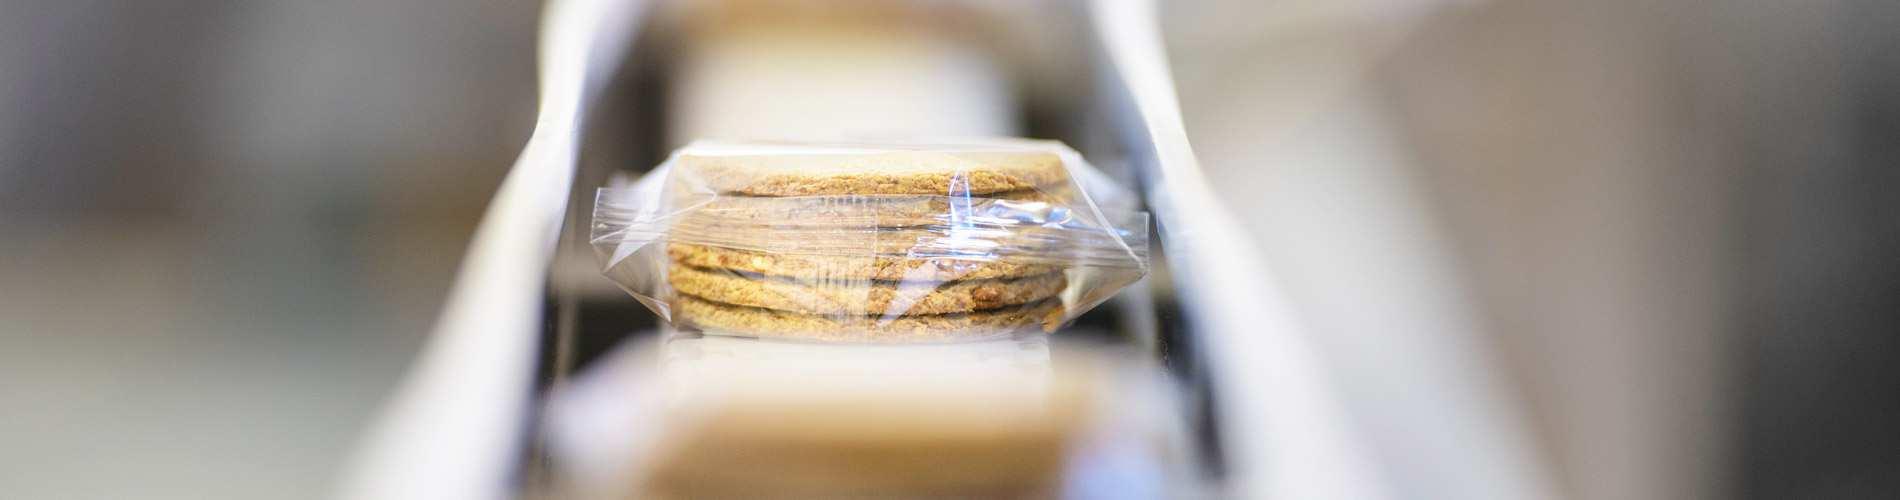 Conveyor belt with crackers.